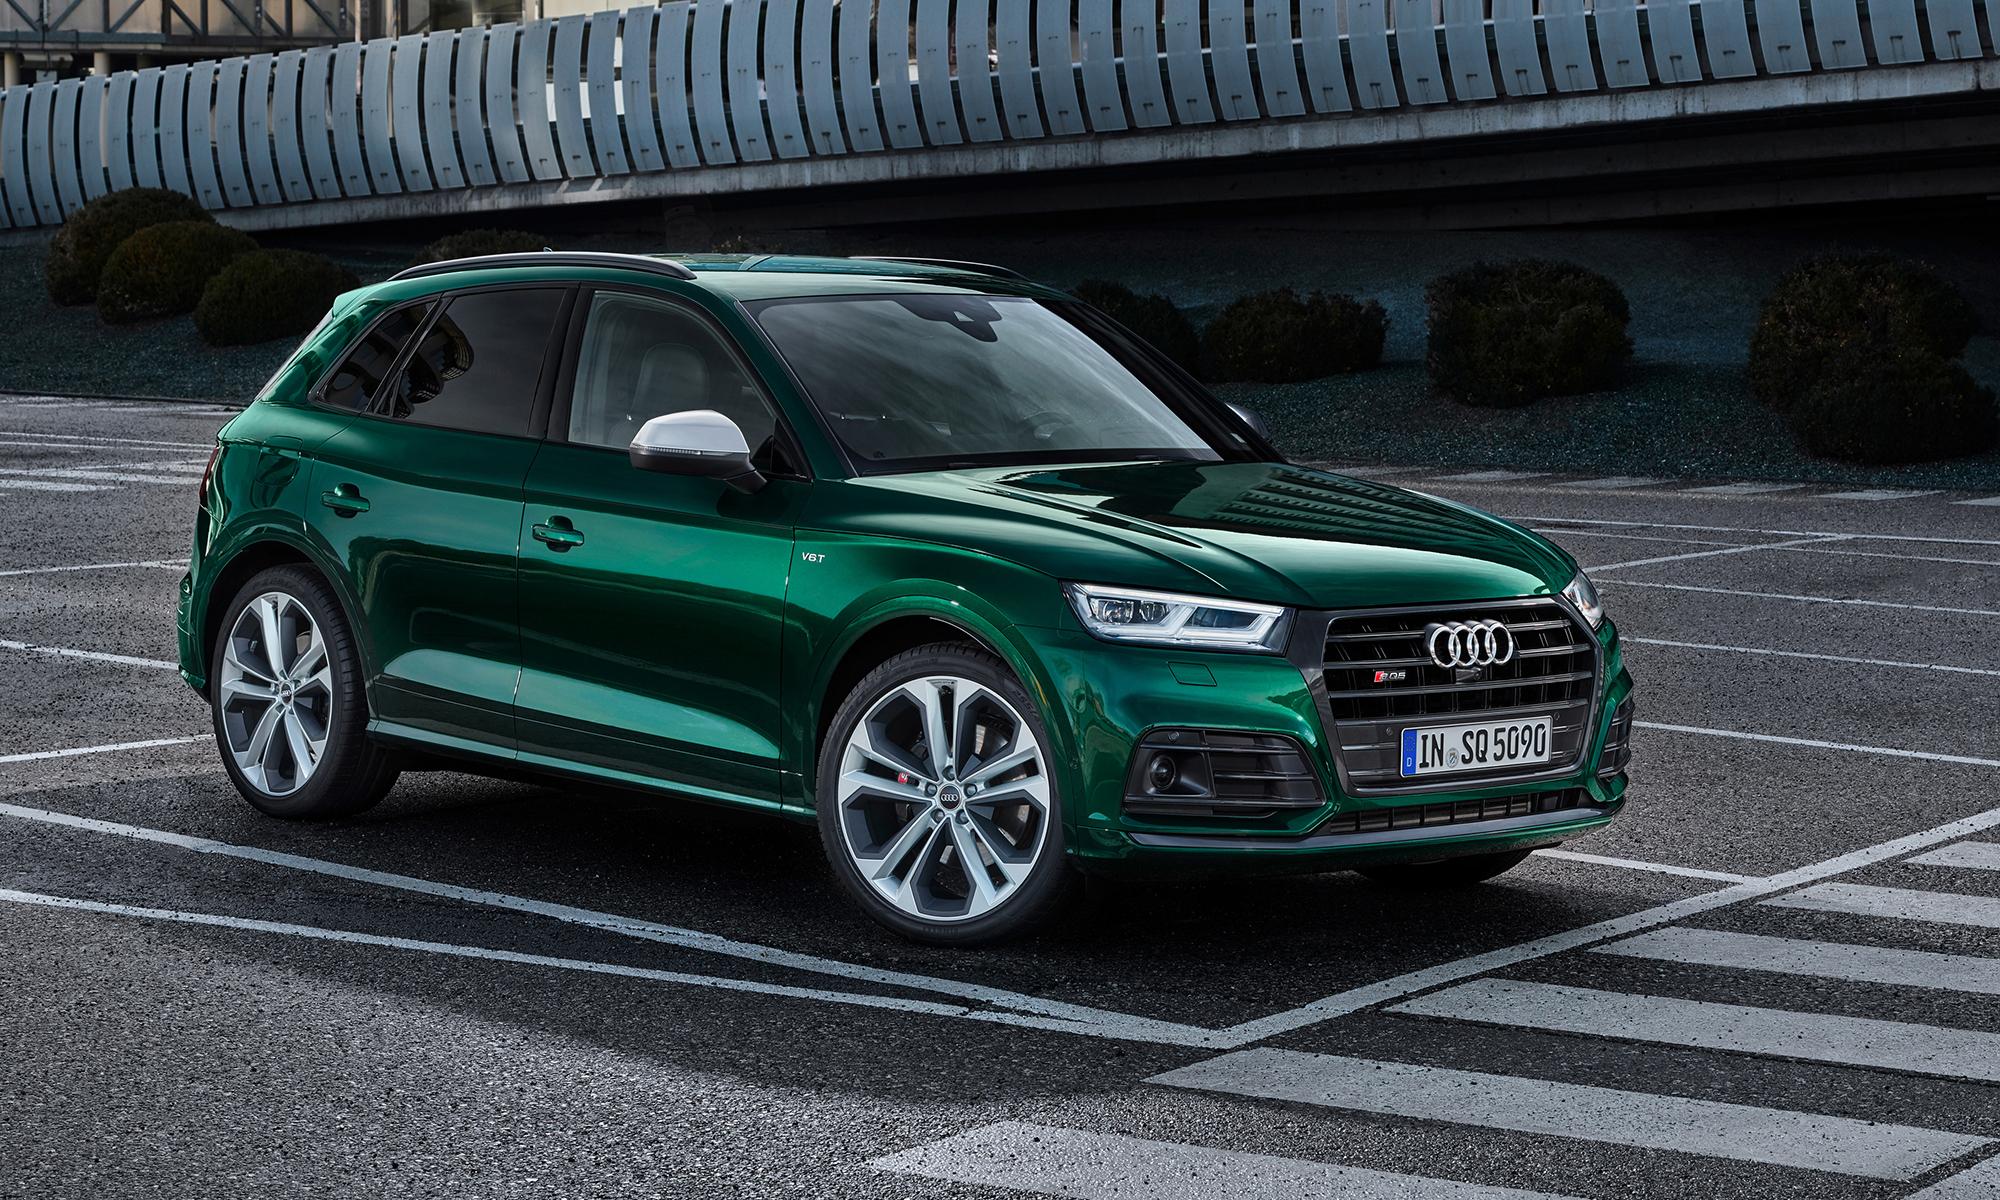 Hathengeres dízellel és hibriddel gyorsít az Audi SQ5